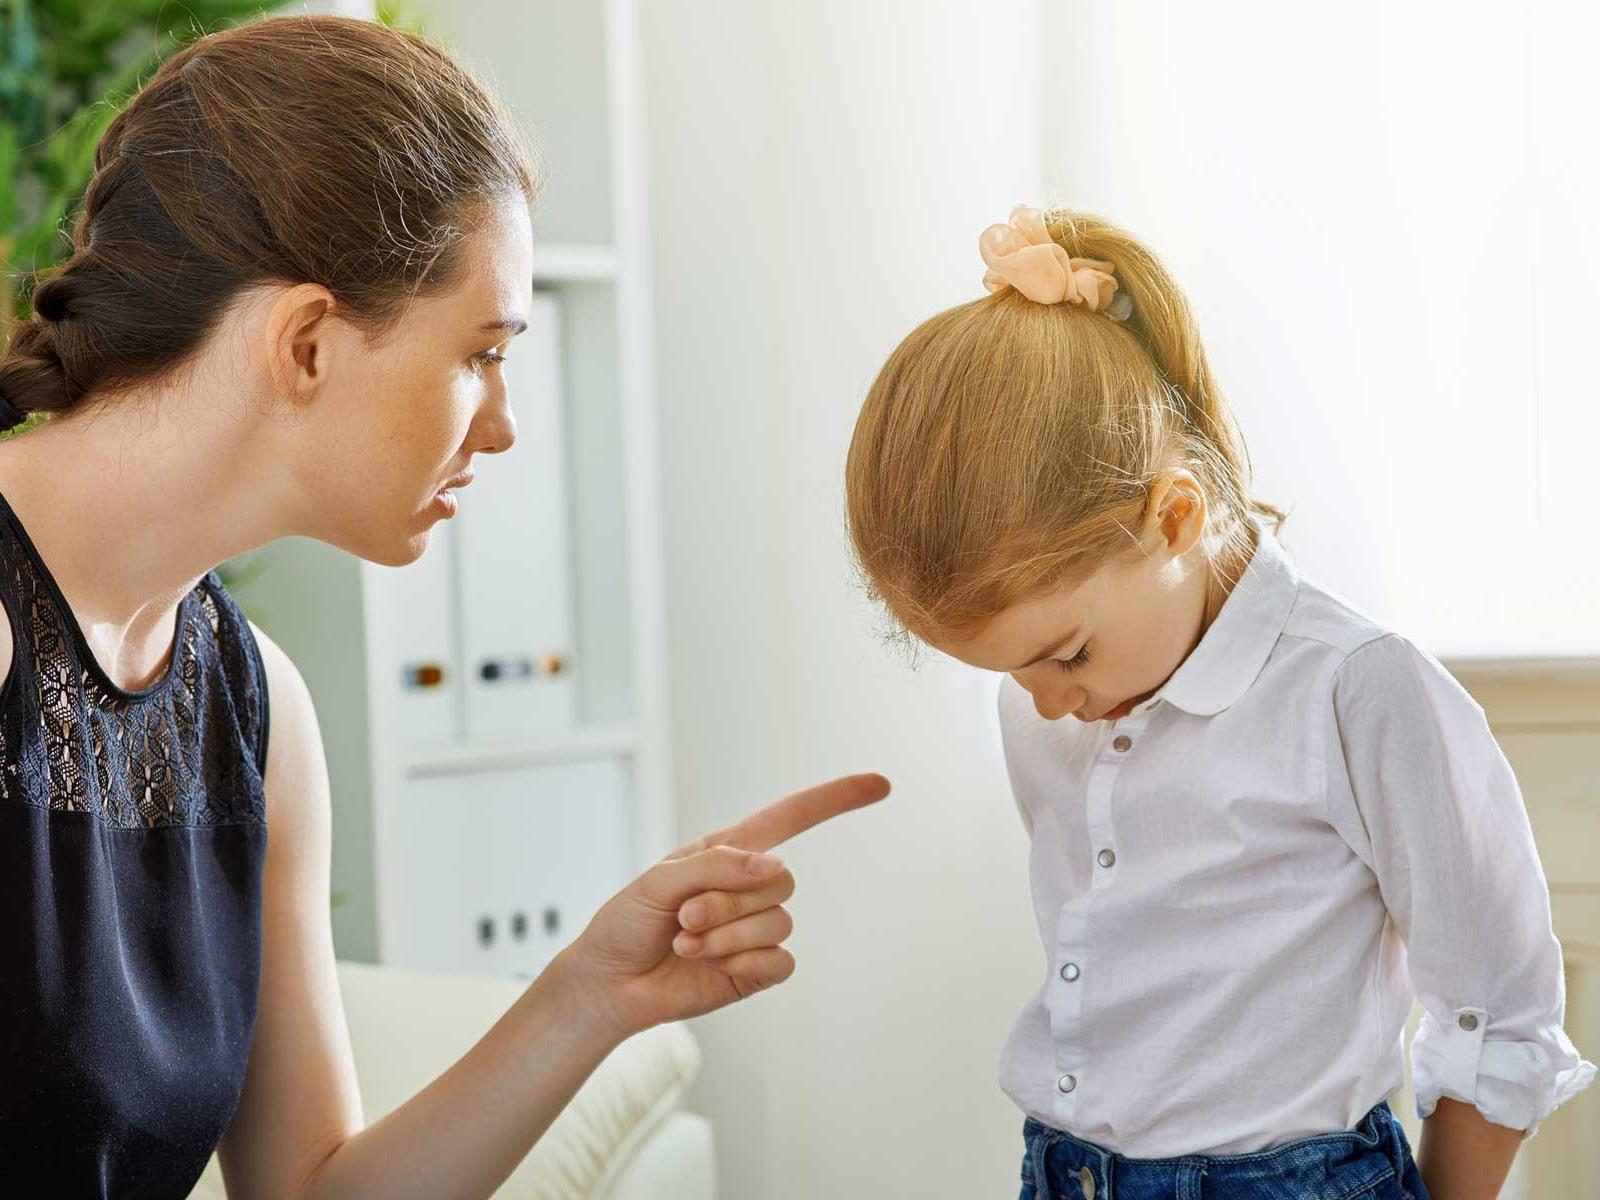 ошибка воспитания - выговор ребенку